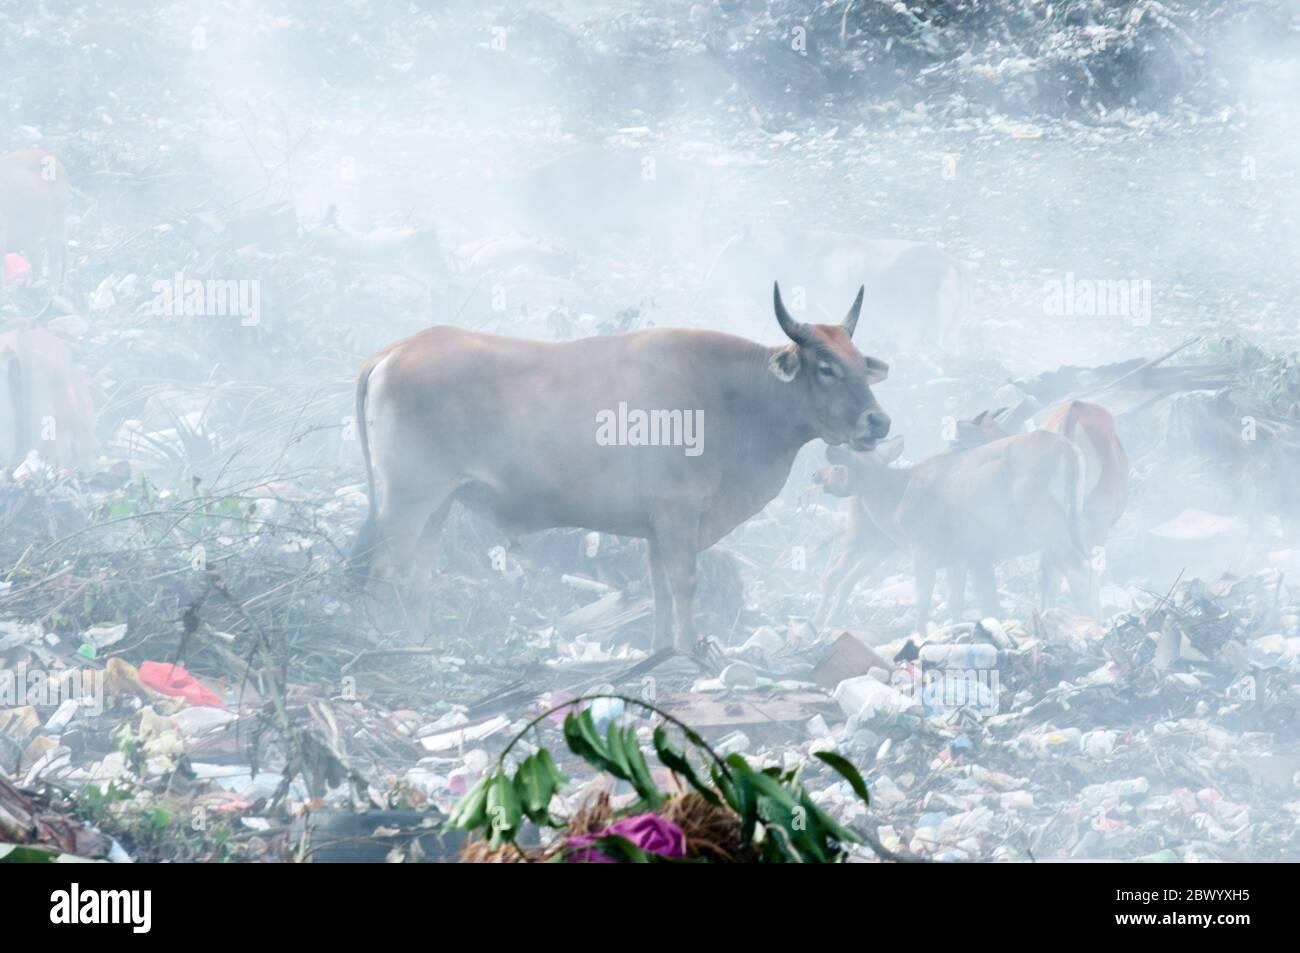 Les vaches étaient en dernière disposition à Dili Timor Leste Banque D'Images